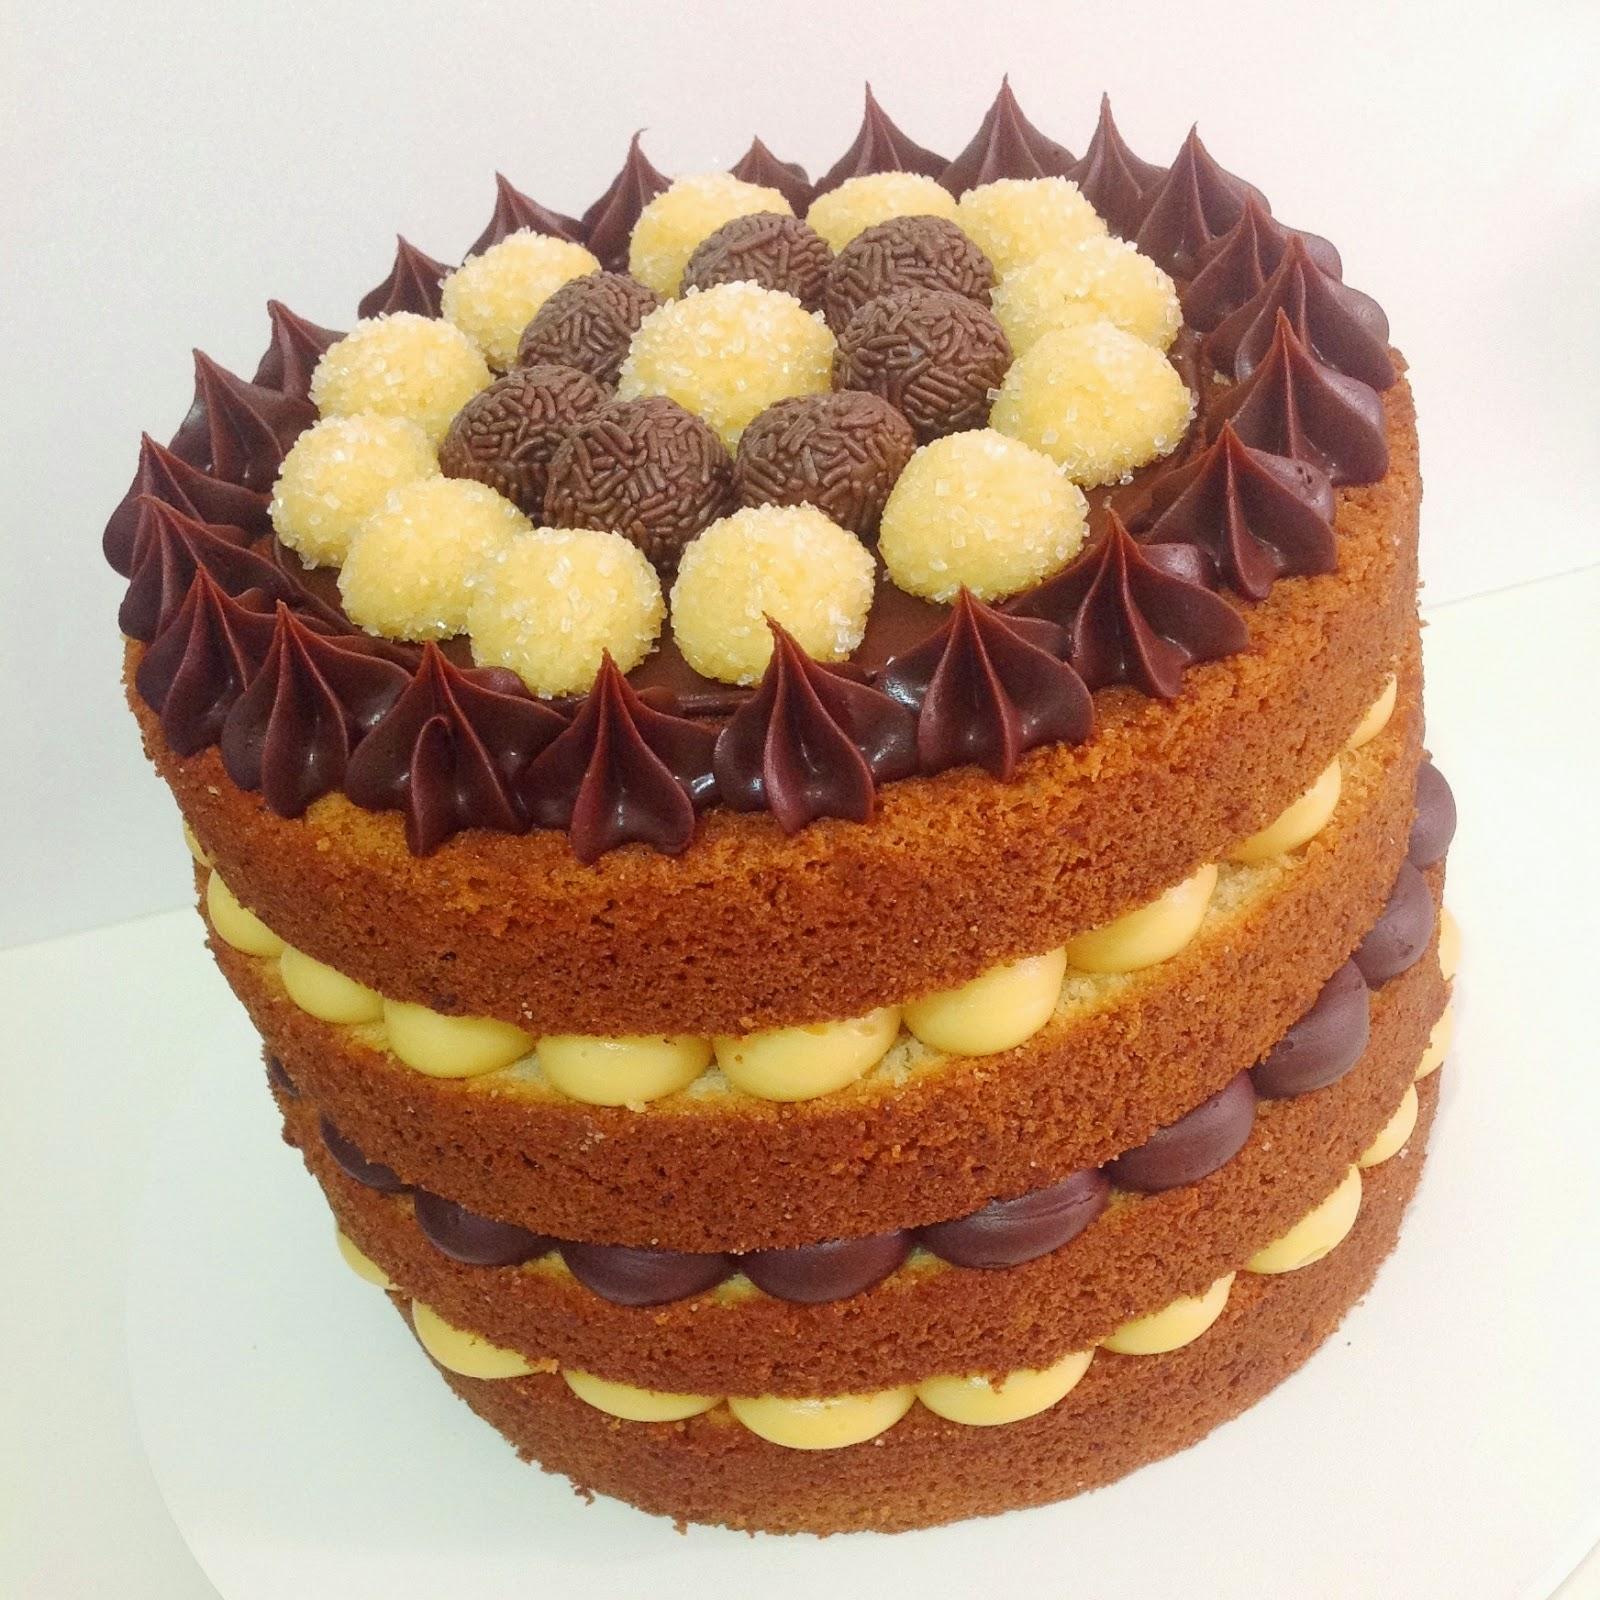 Naked Cake Brigadeiro - delicioso e bem recheado bolo de